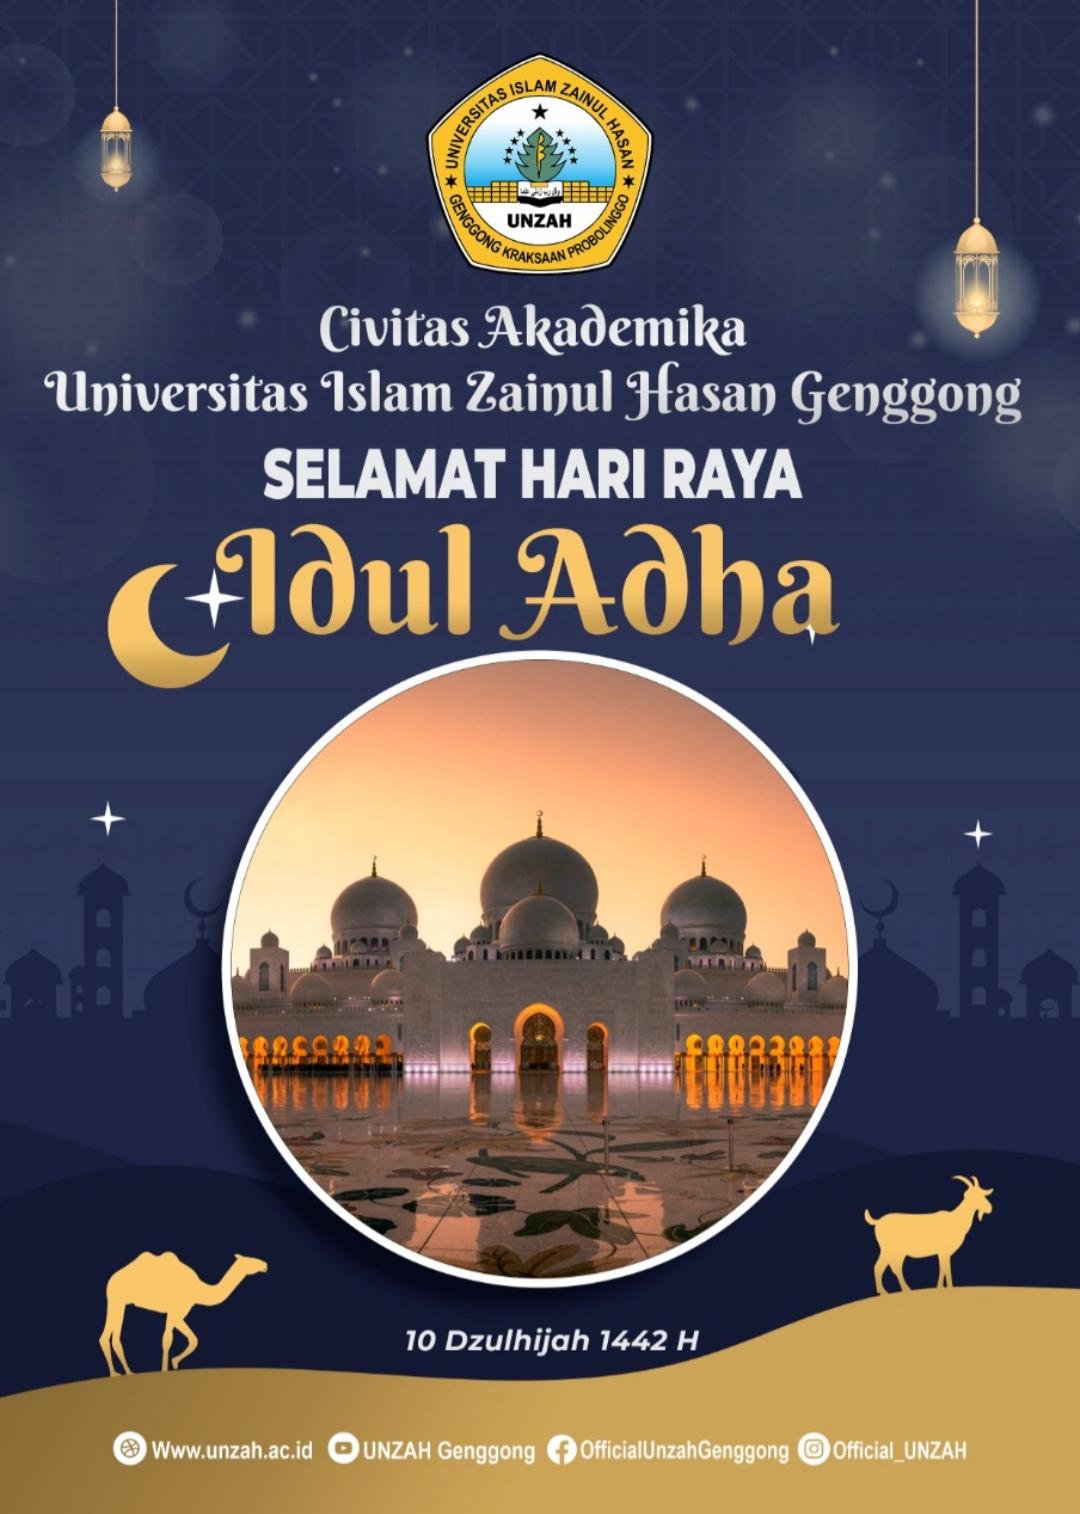 Rektor Unzah: Idul Adha, Momen untuk Berbagi